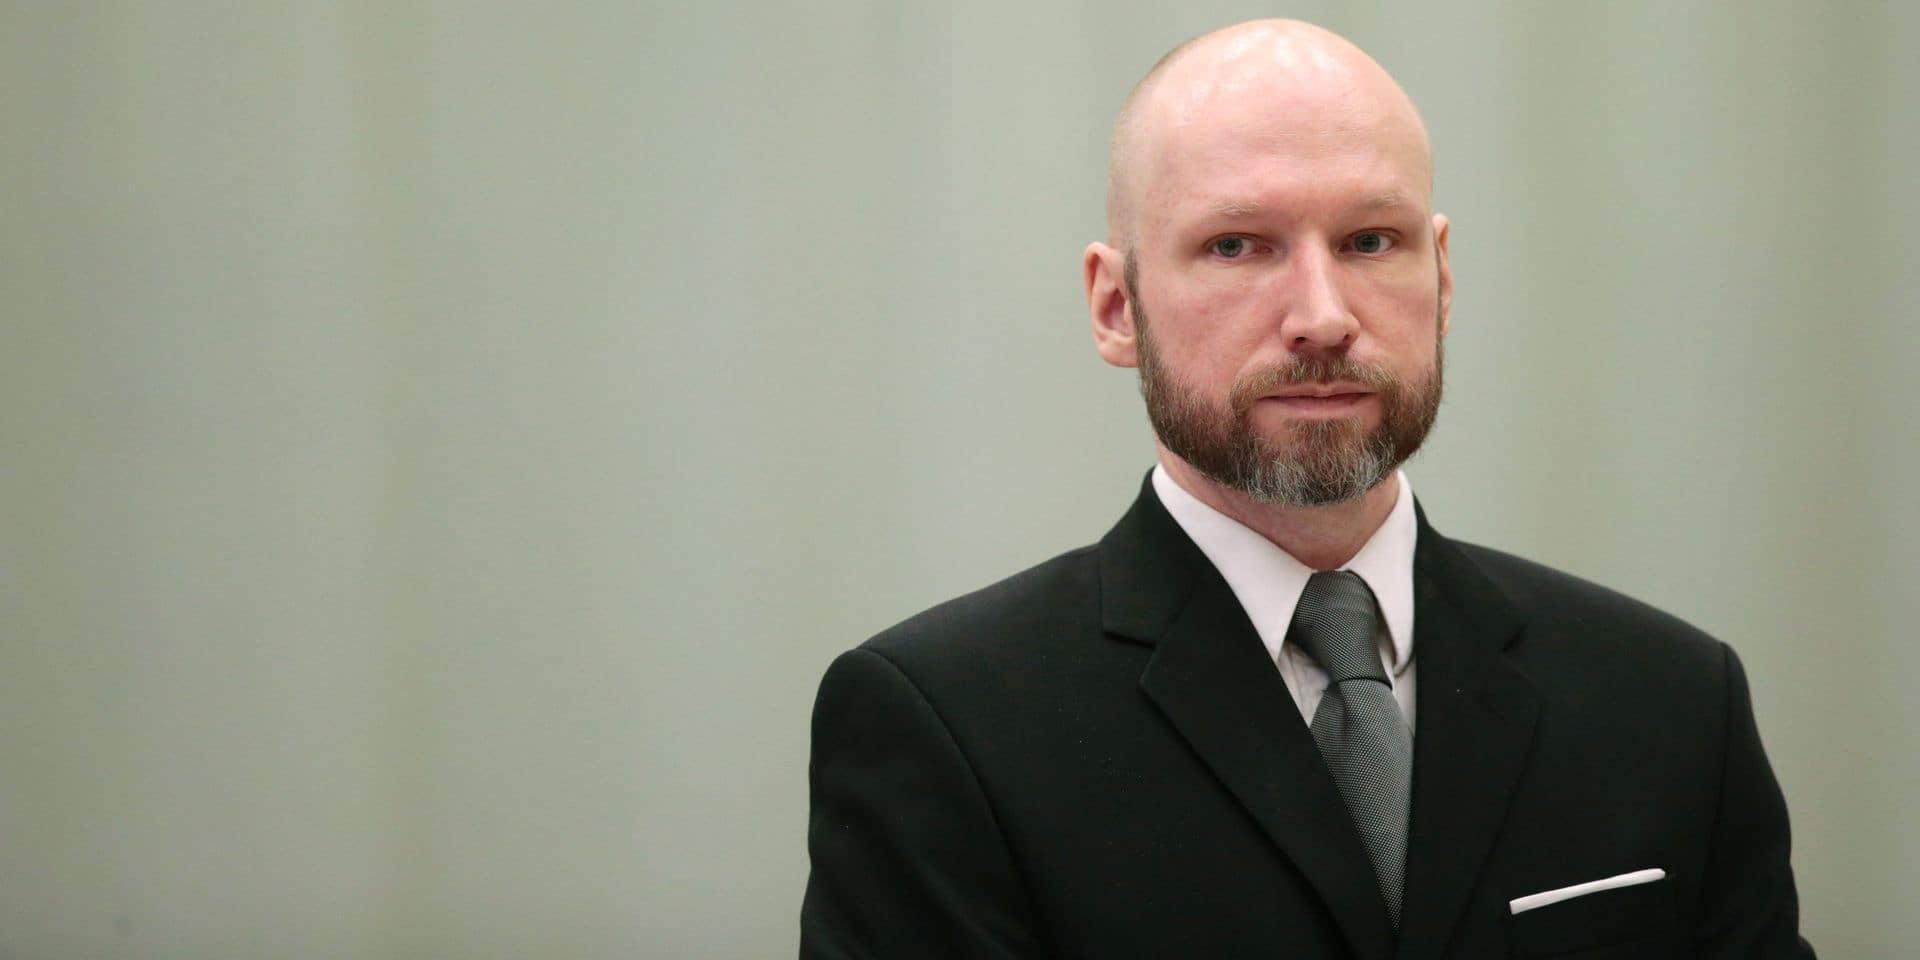 Anders Breivik, qui avait tué 77 personnes en 2011, demande une mise en liberté conditionnelle